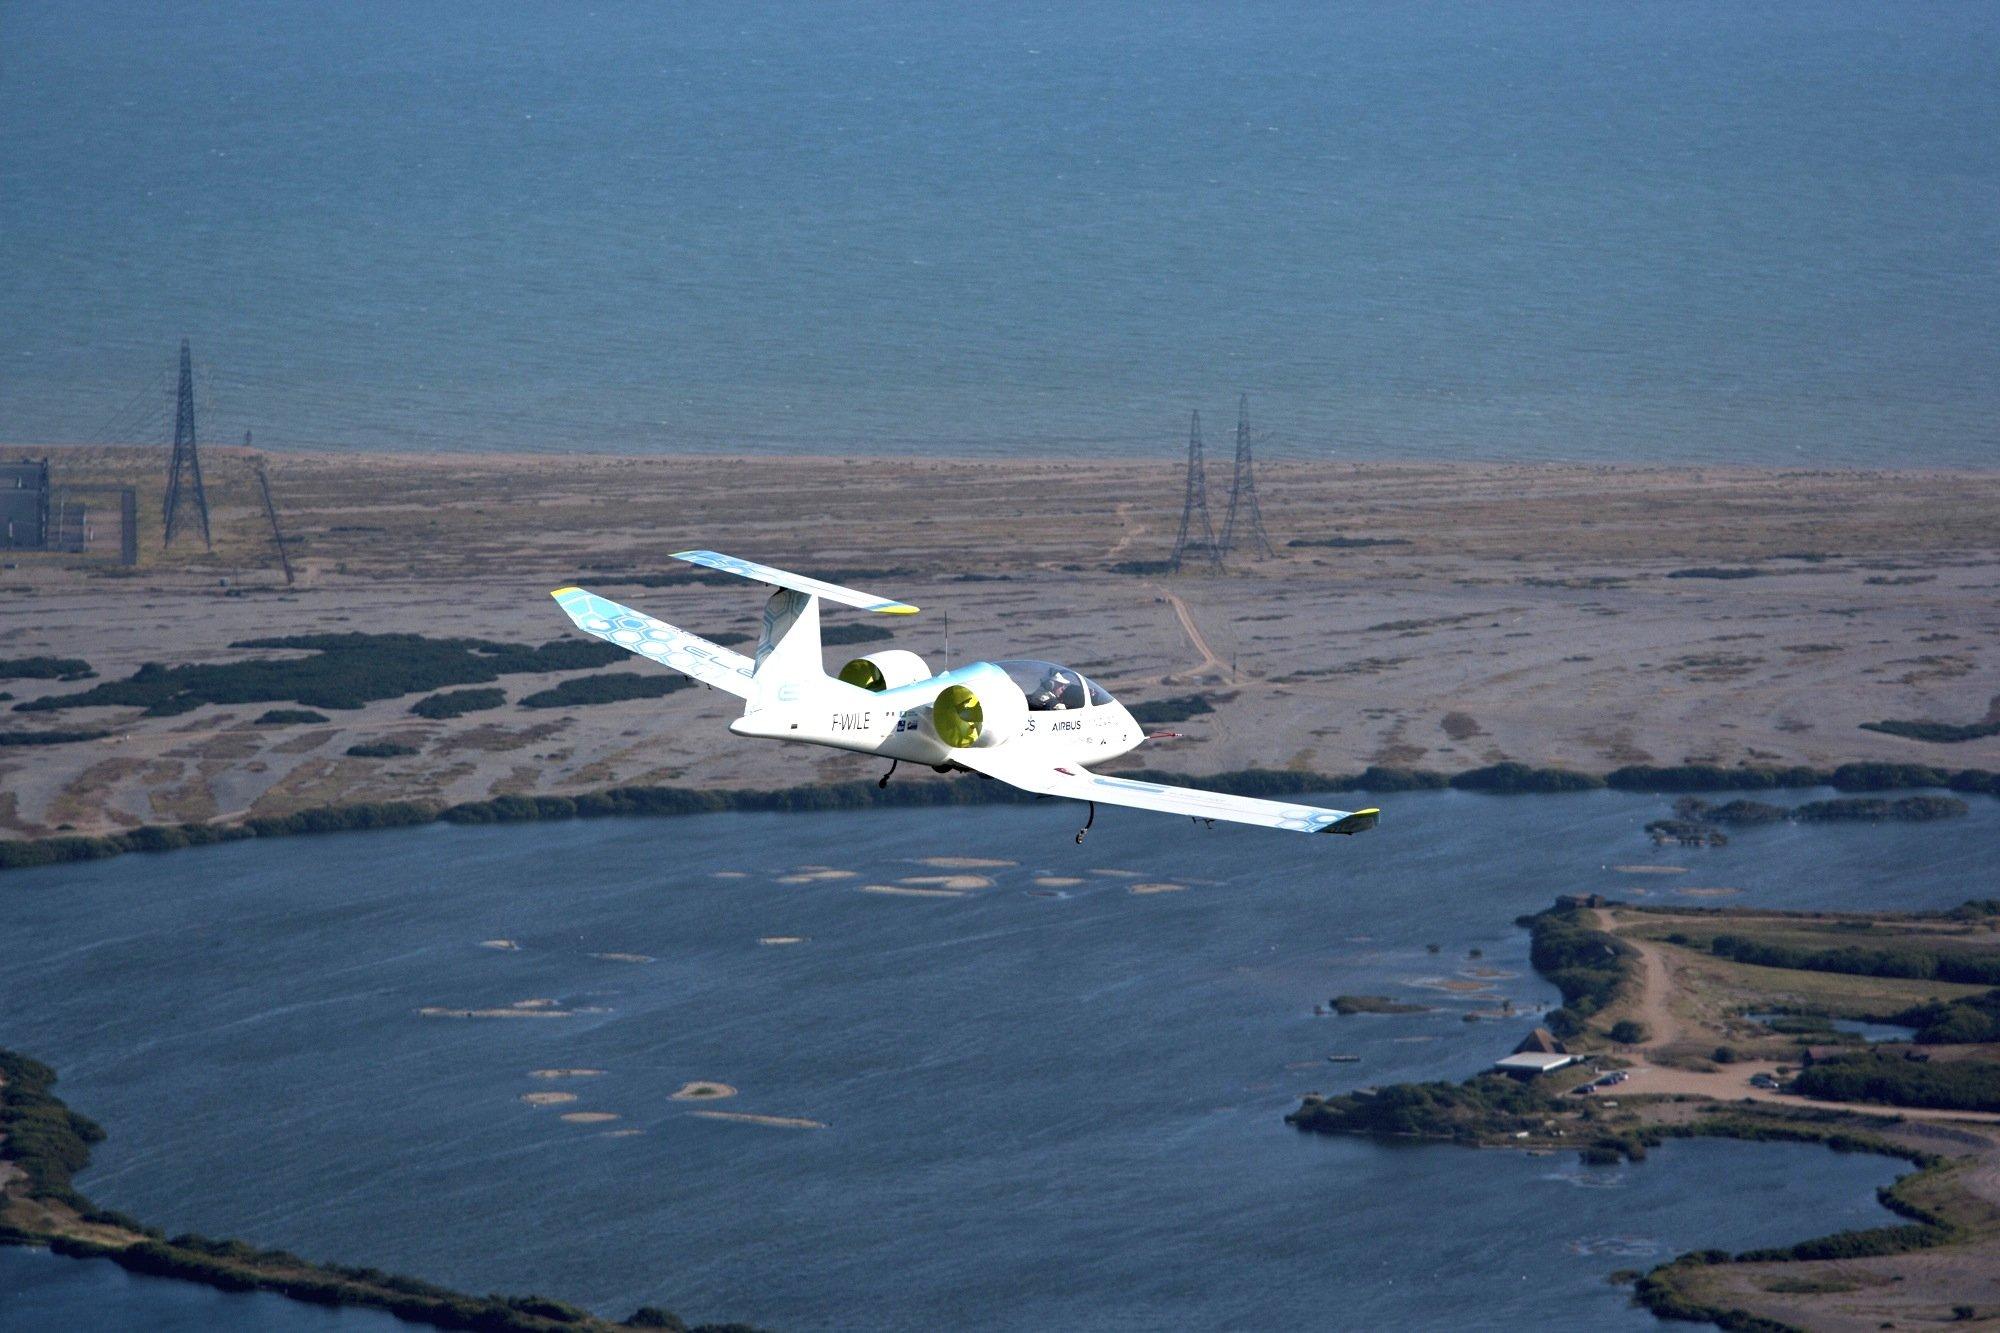 Die E-Fan von Airbus – hier kurz vor Calais – überflog im Juli den Ärmelkanal. Das Elektroflugzeug benötigte rund eine Dreiviertelstunde.